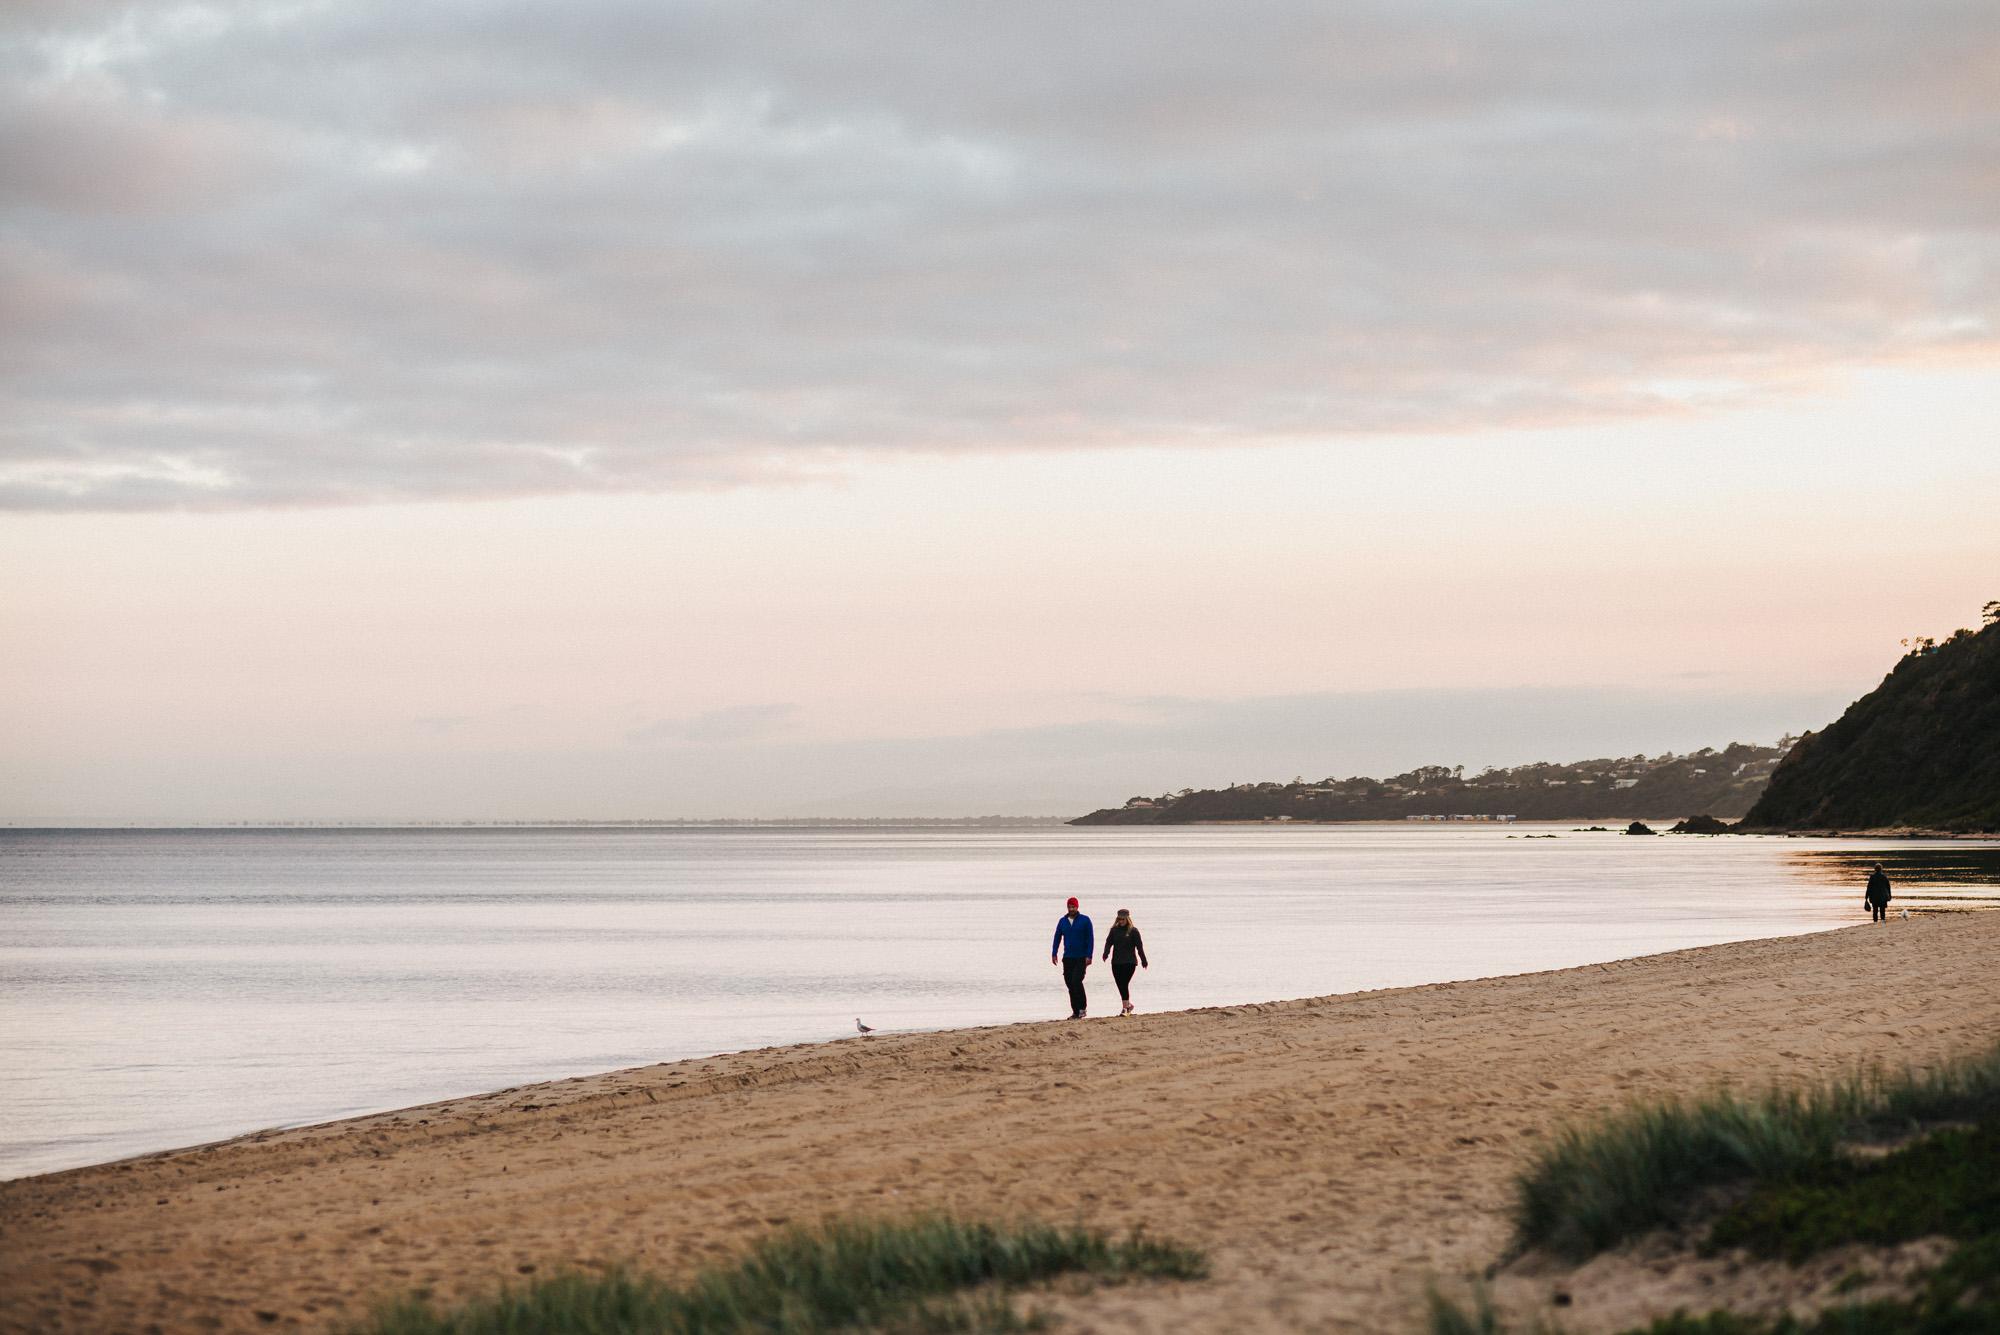 melbourne-australia-commercial-portrait-lifestyle-photographer-020.jpg